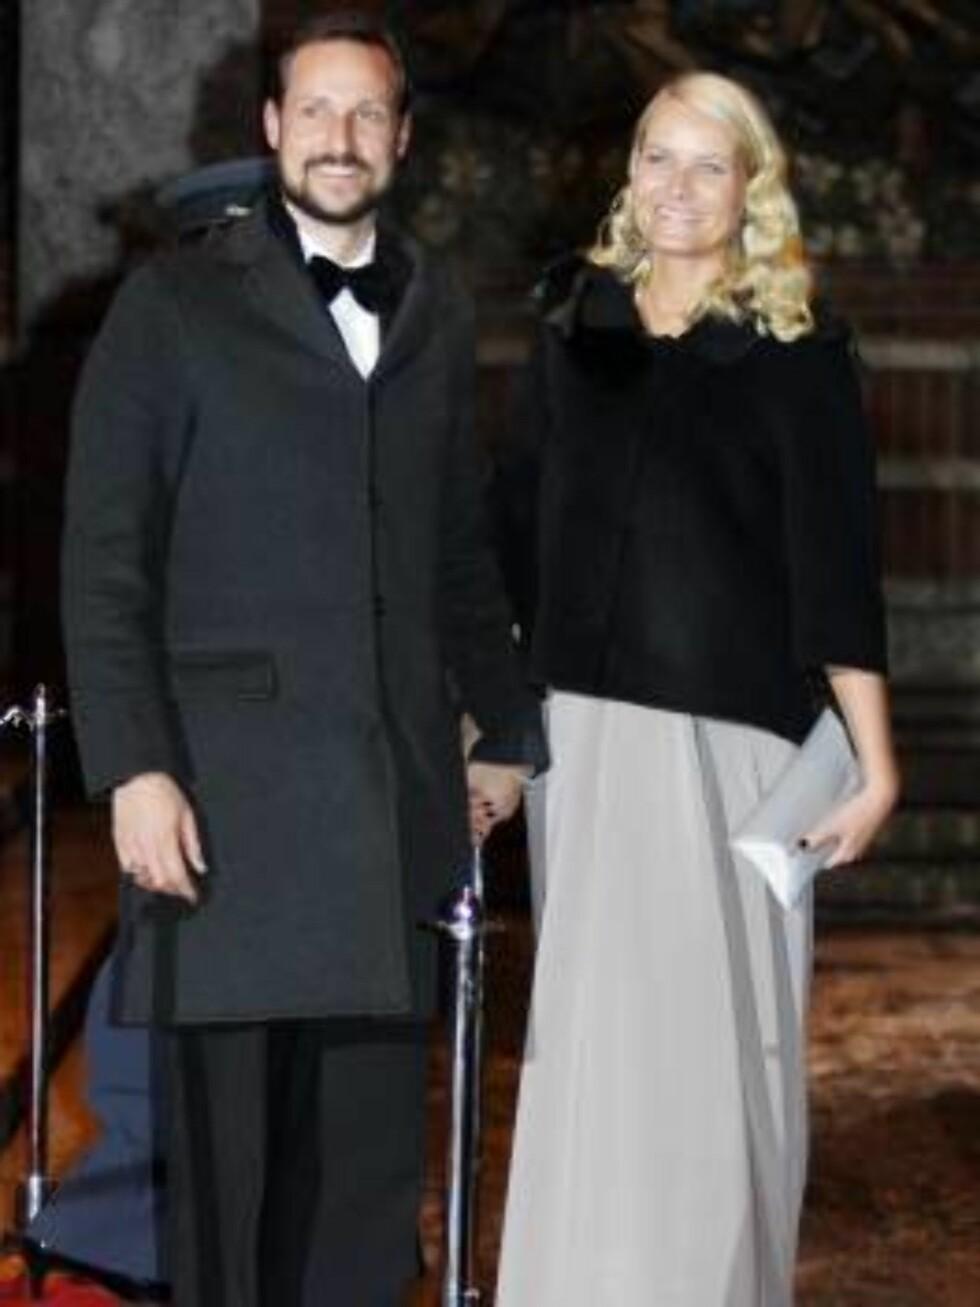 OSLO 20070223: Kronprins Haakon og kronprinsesse Mette-Marit forlater festforestillingen i Oslo rådhus fredag kveld.  Foto: Lise Åserud / SCANPIX       Foto: SCANPIX